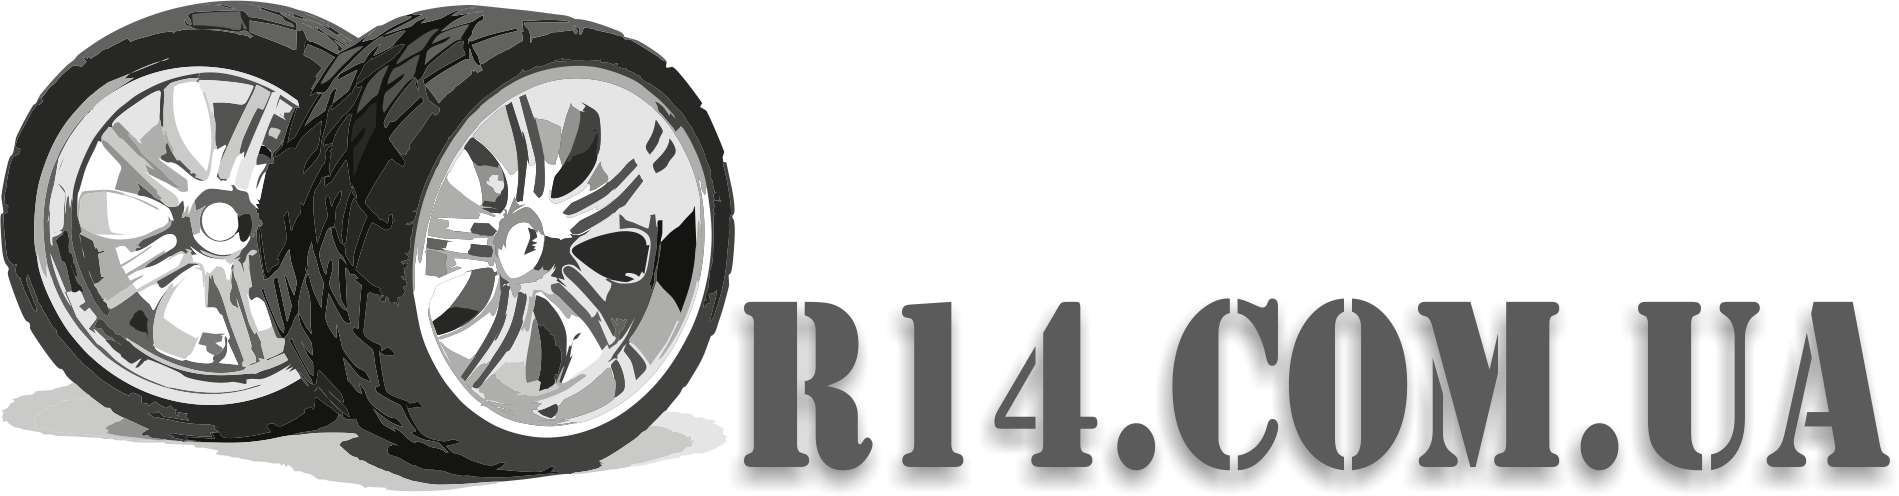 R14.com.ua Интернет магазин автотоваров